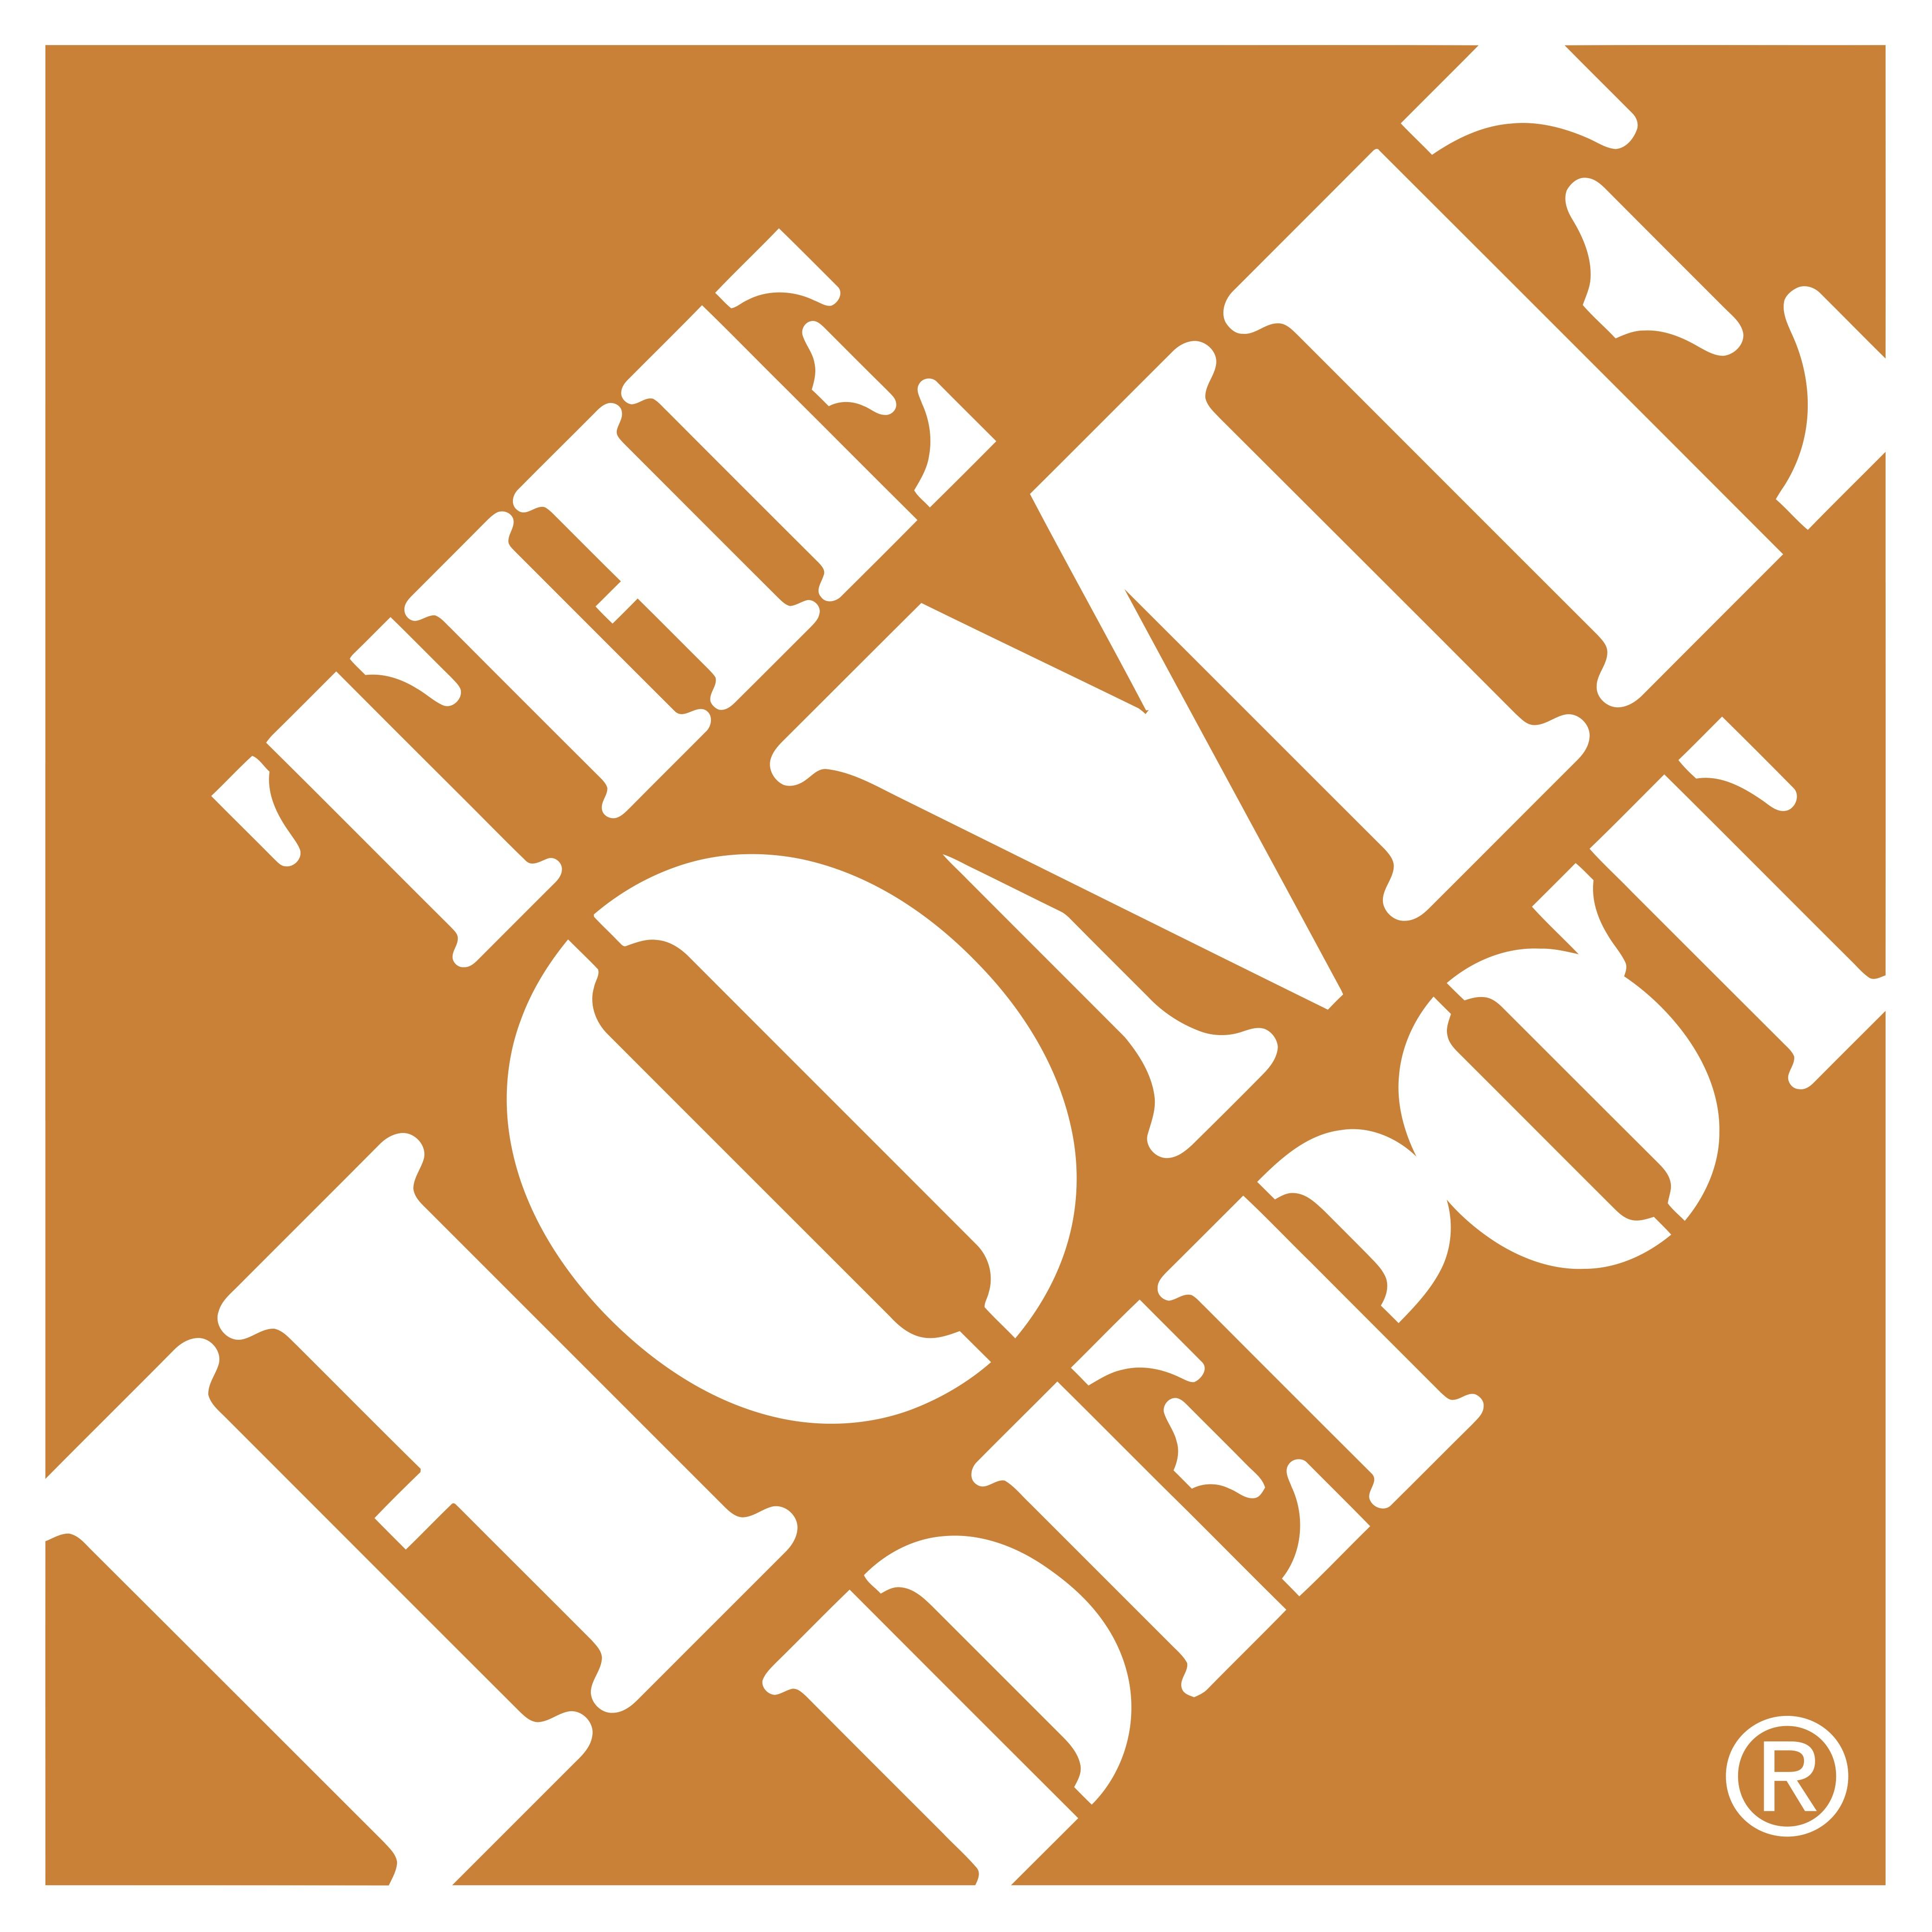 El logo The Home Depot fue diseñado desde su creación, y aunque permanece igual desde entonces, su elección fue difícil de hacer.